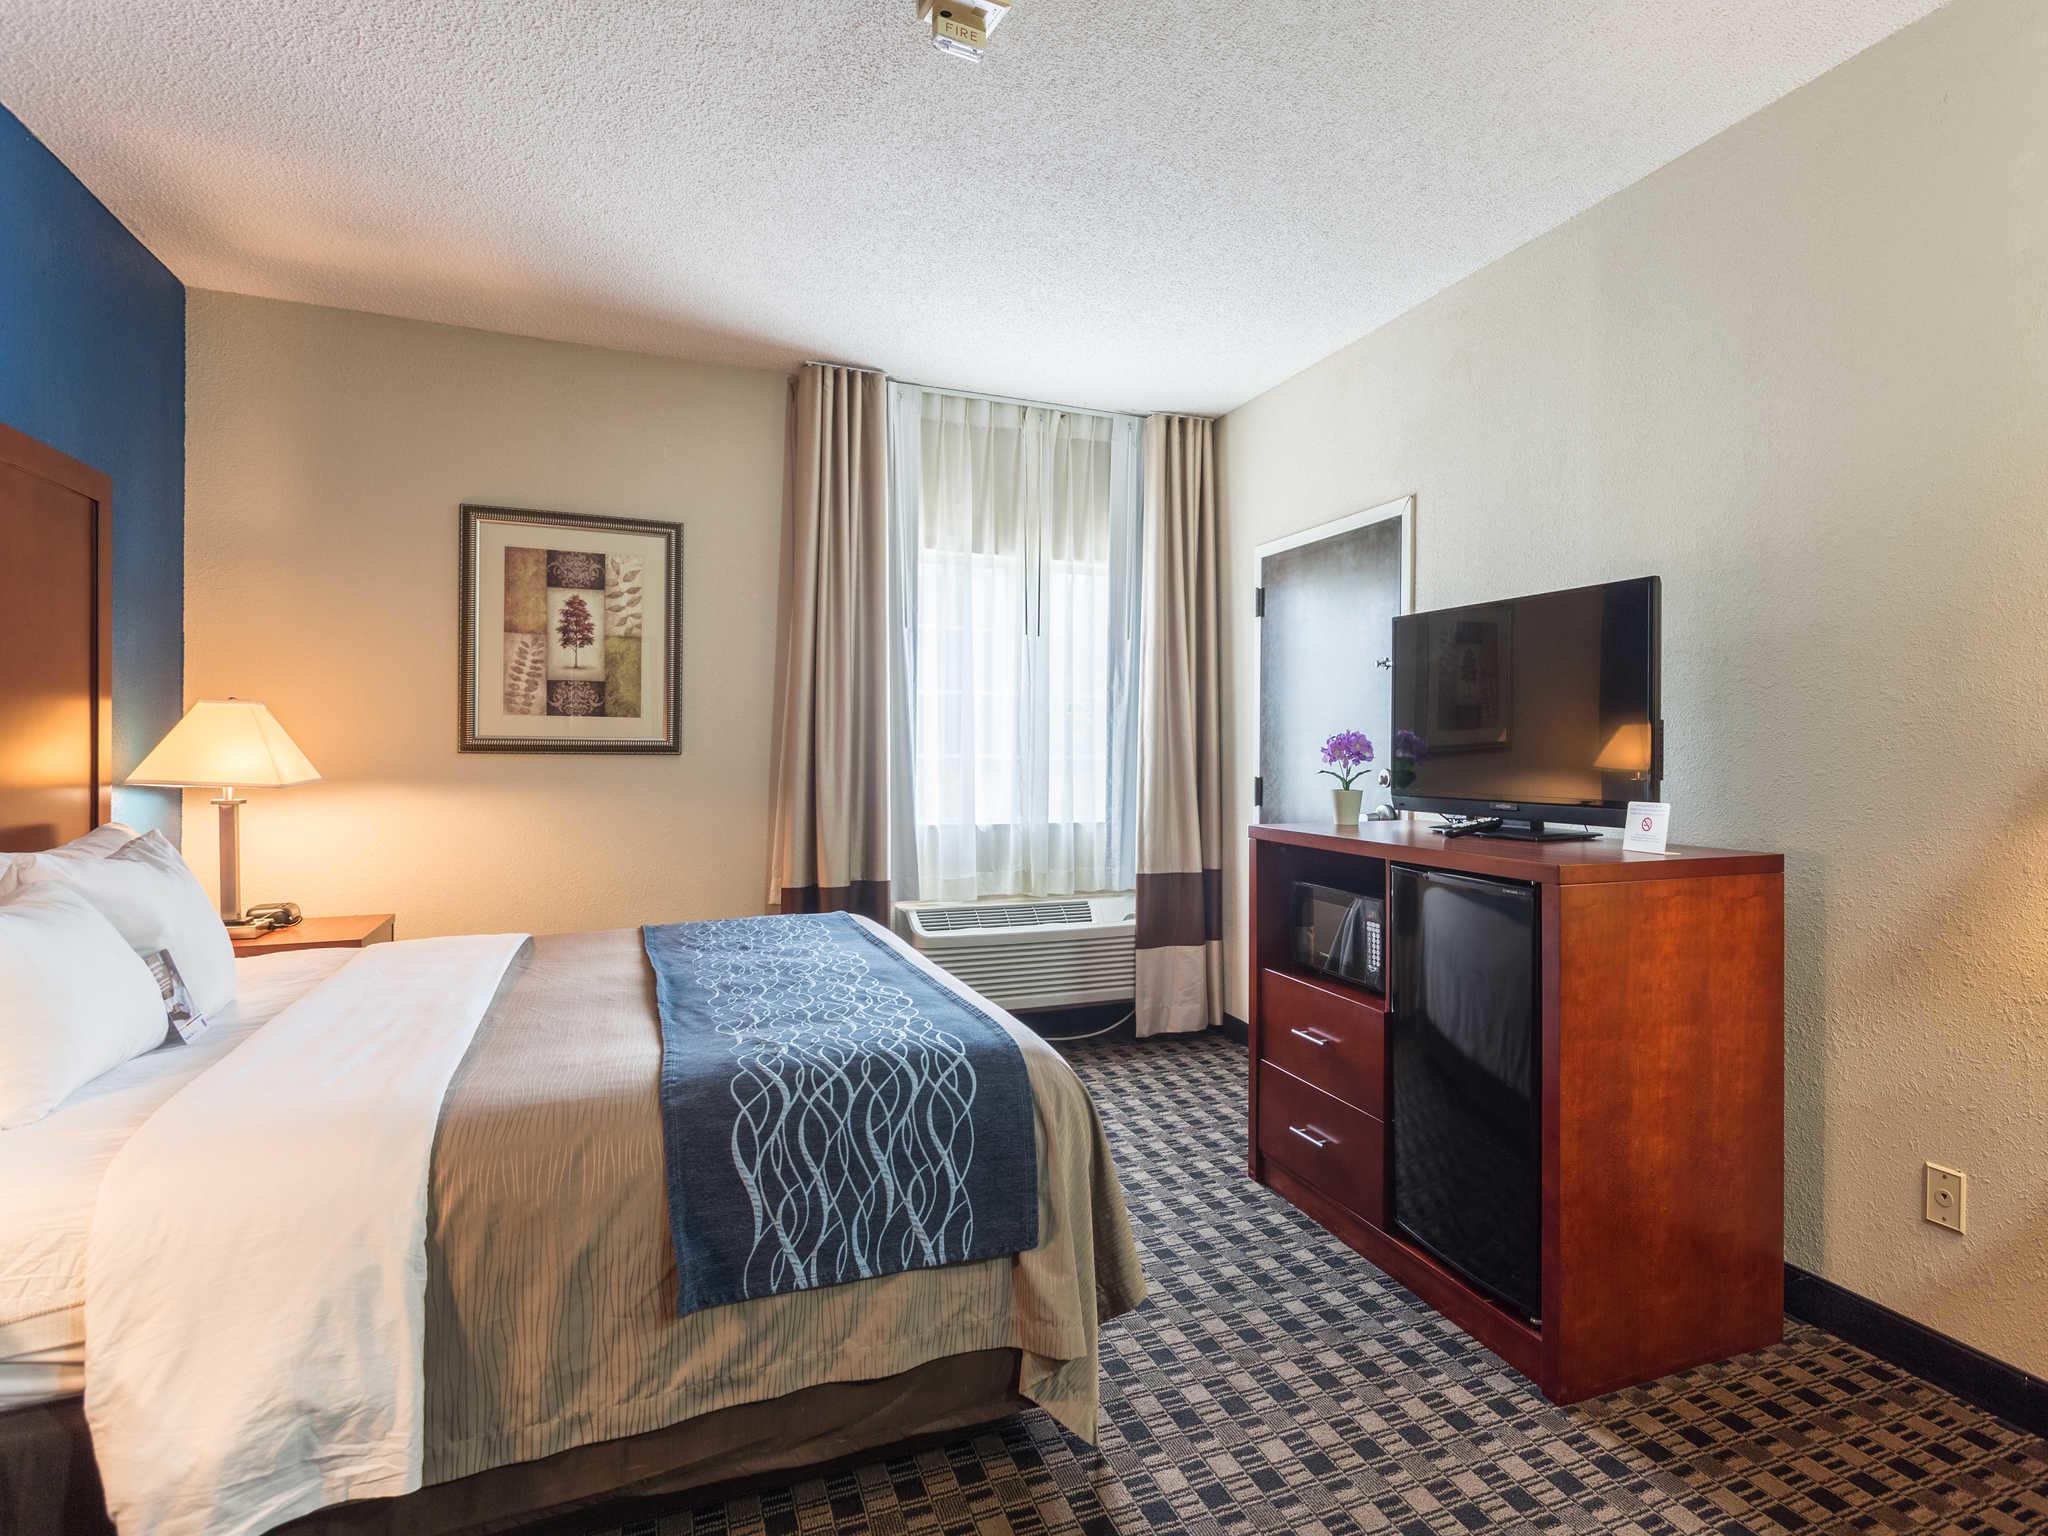 Hotel Rooms Decatur Al